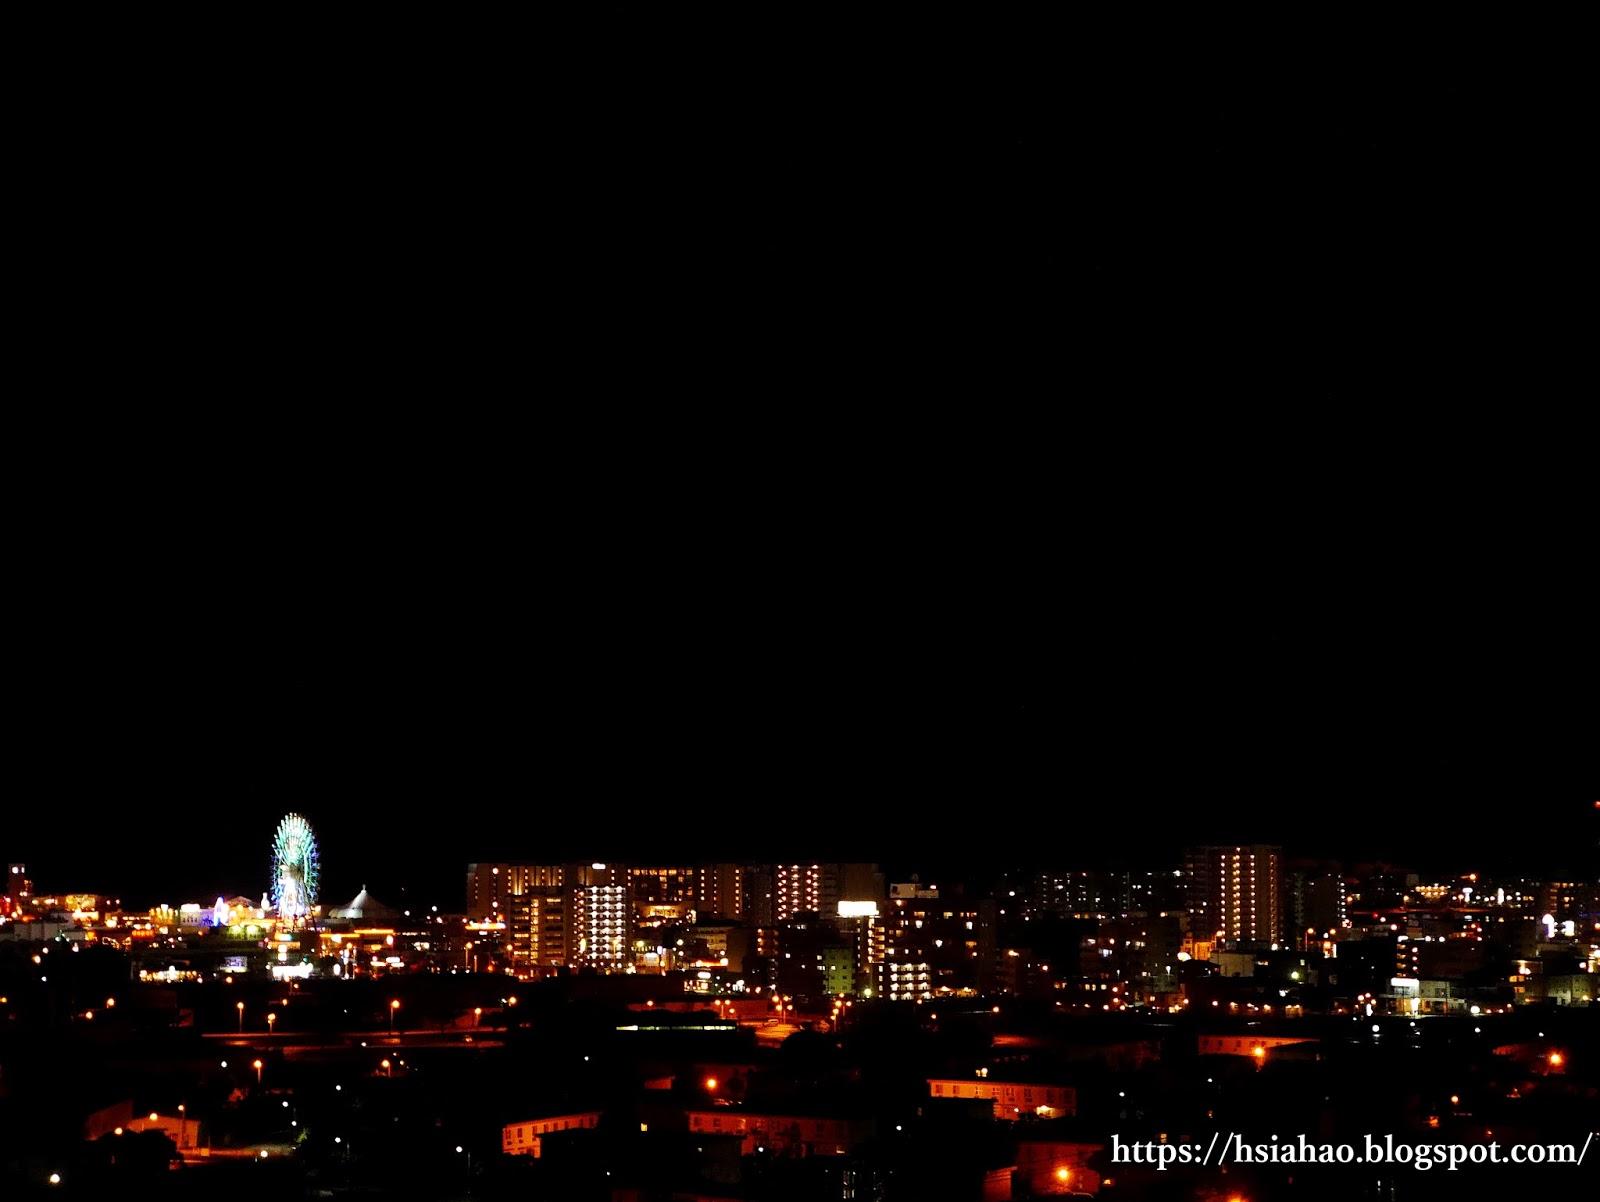 沖繩-中部-夜景-摩天輪-美國村-Okinawa-night-view